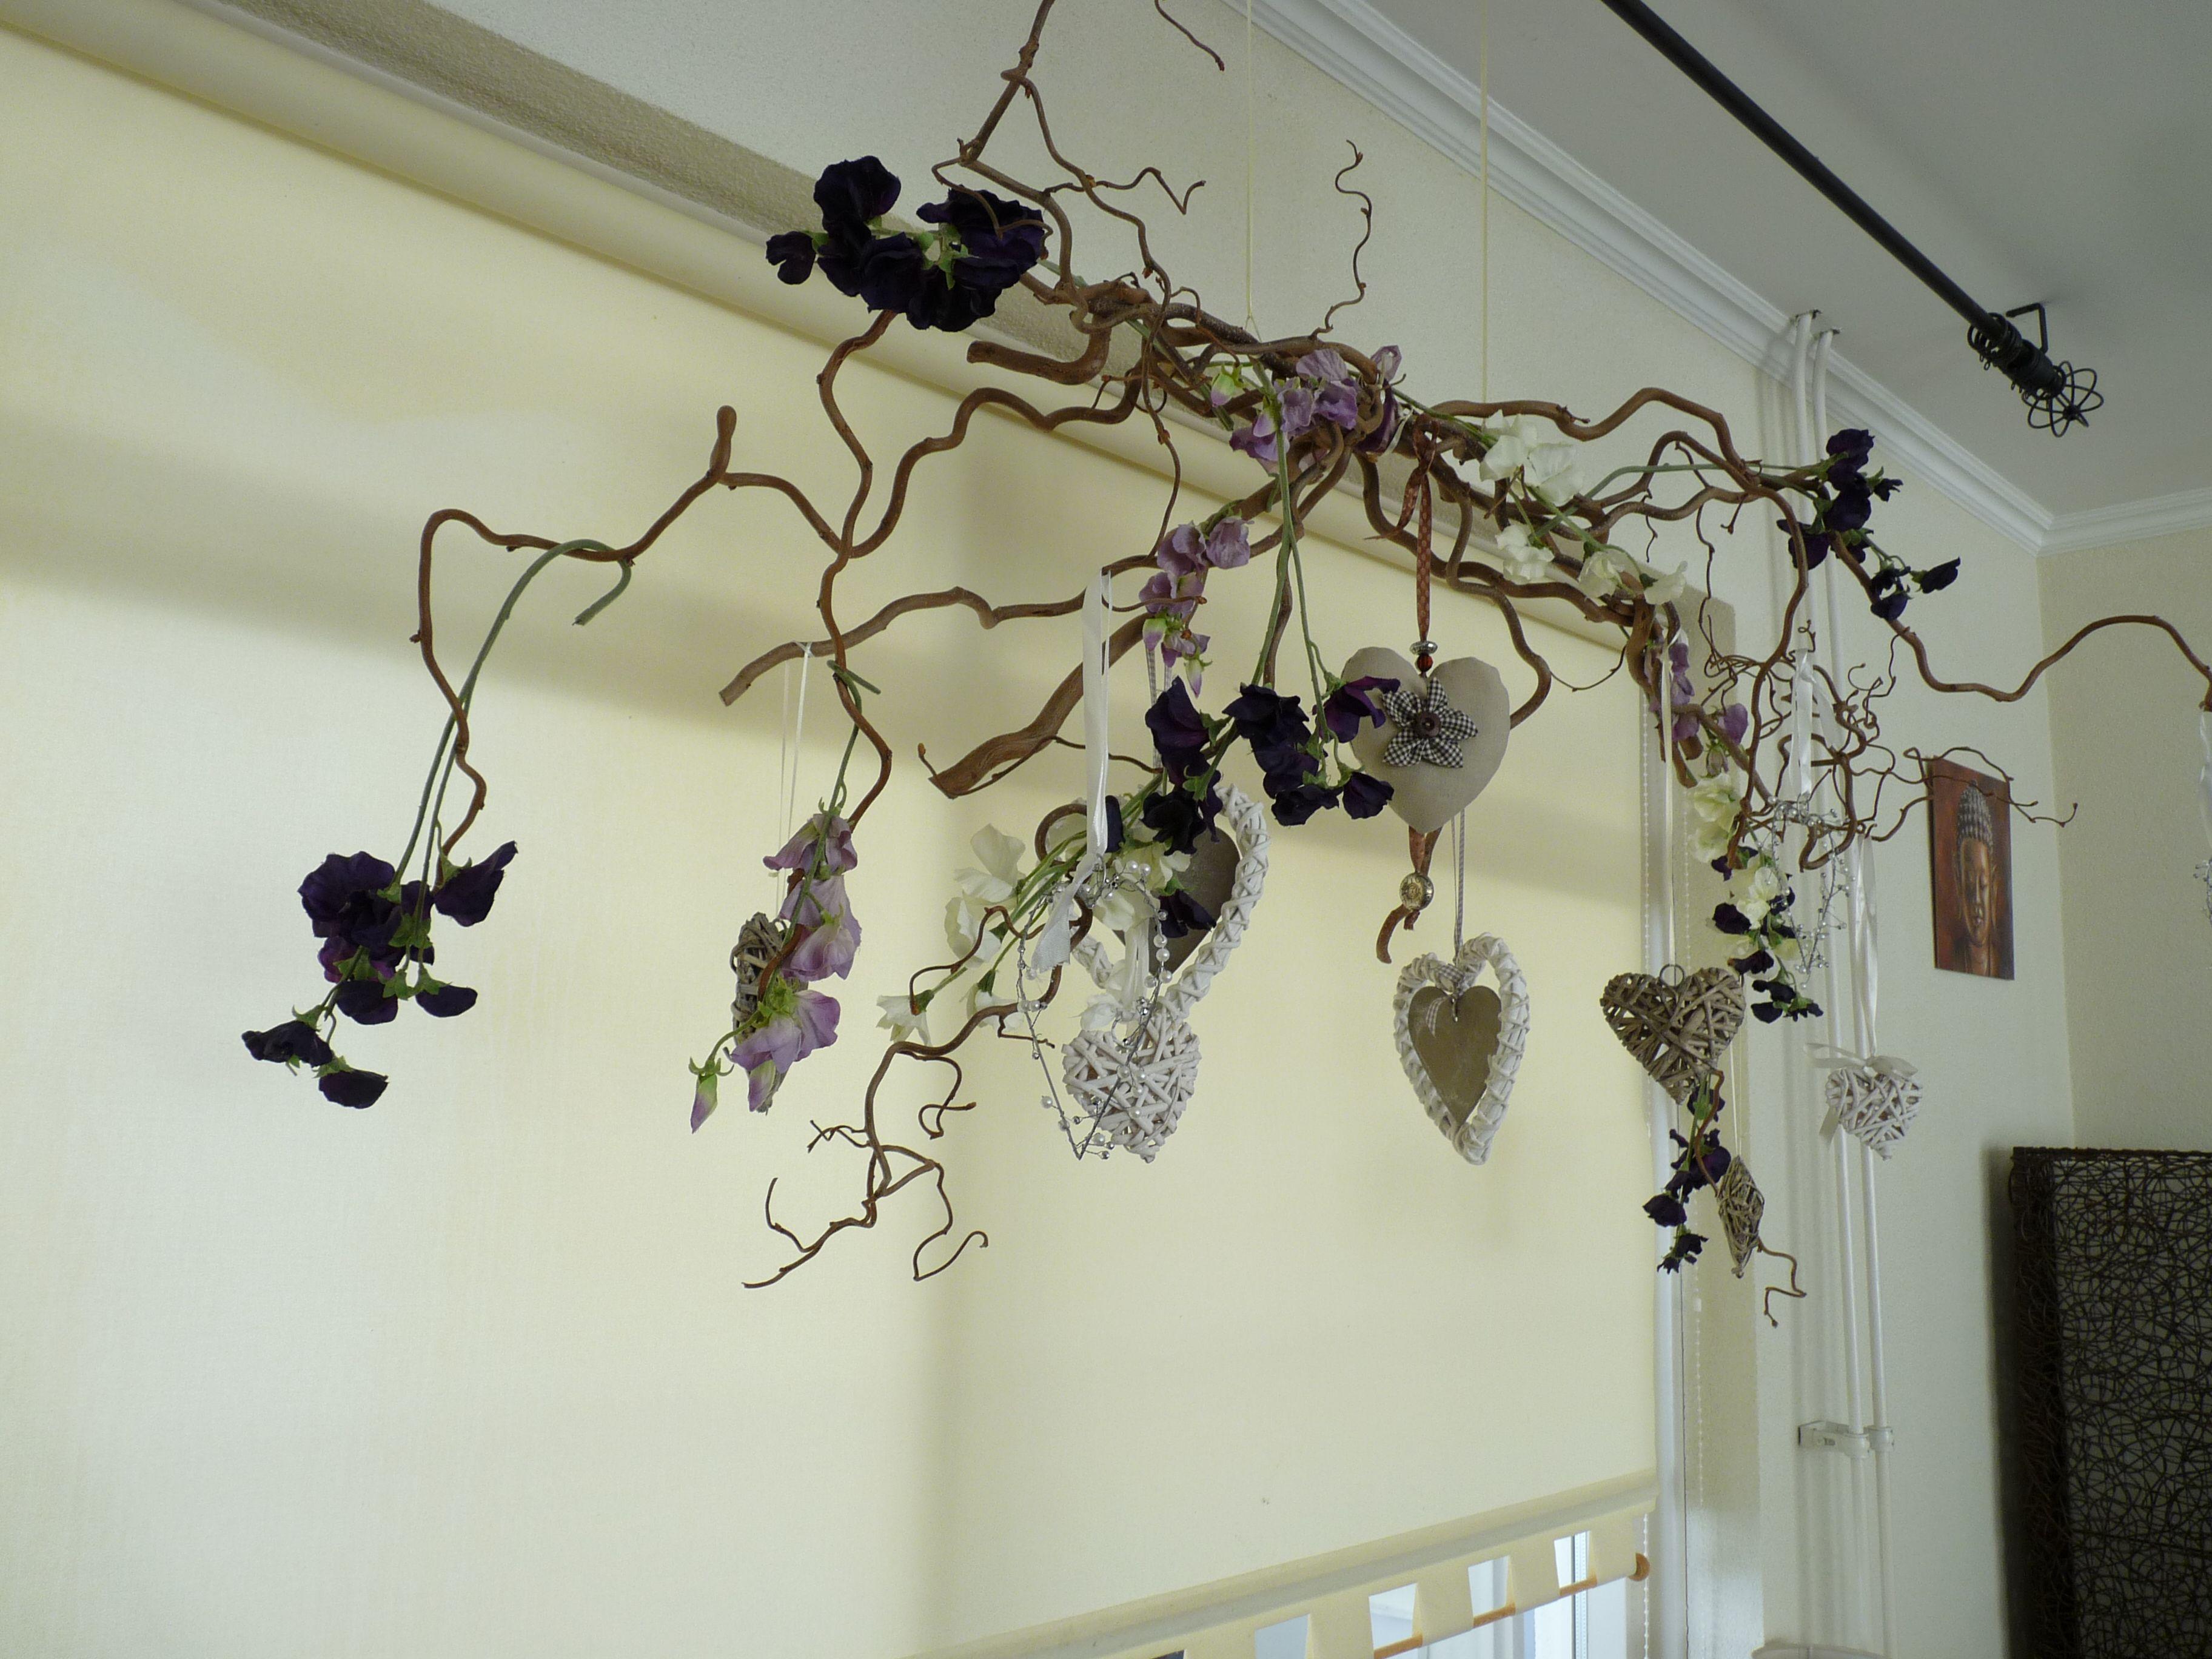 Van krulhazelaar takken een hangende decoratie gemaakt met zijdebloemen lathyrus en allerlei - Decoratie van de villas ...